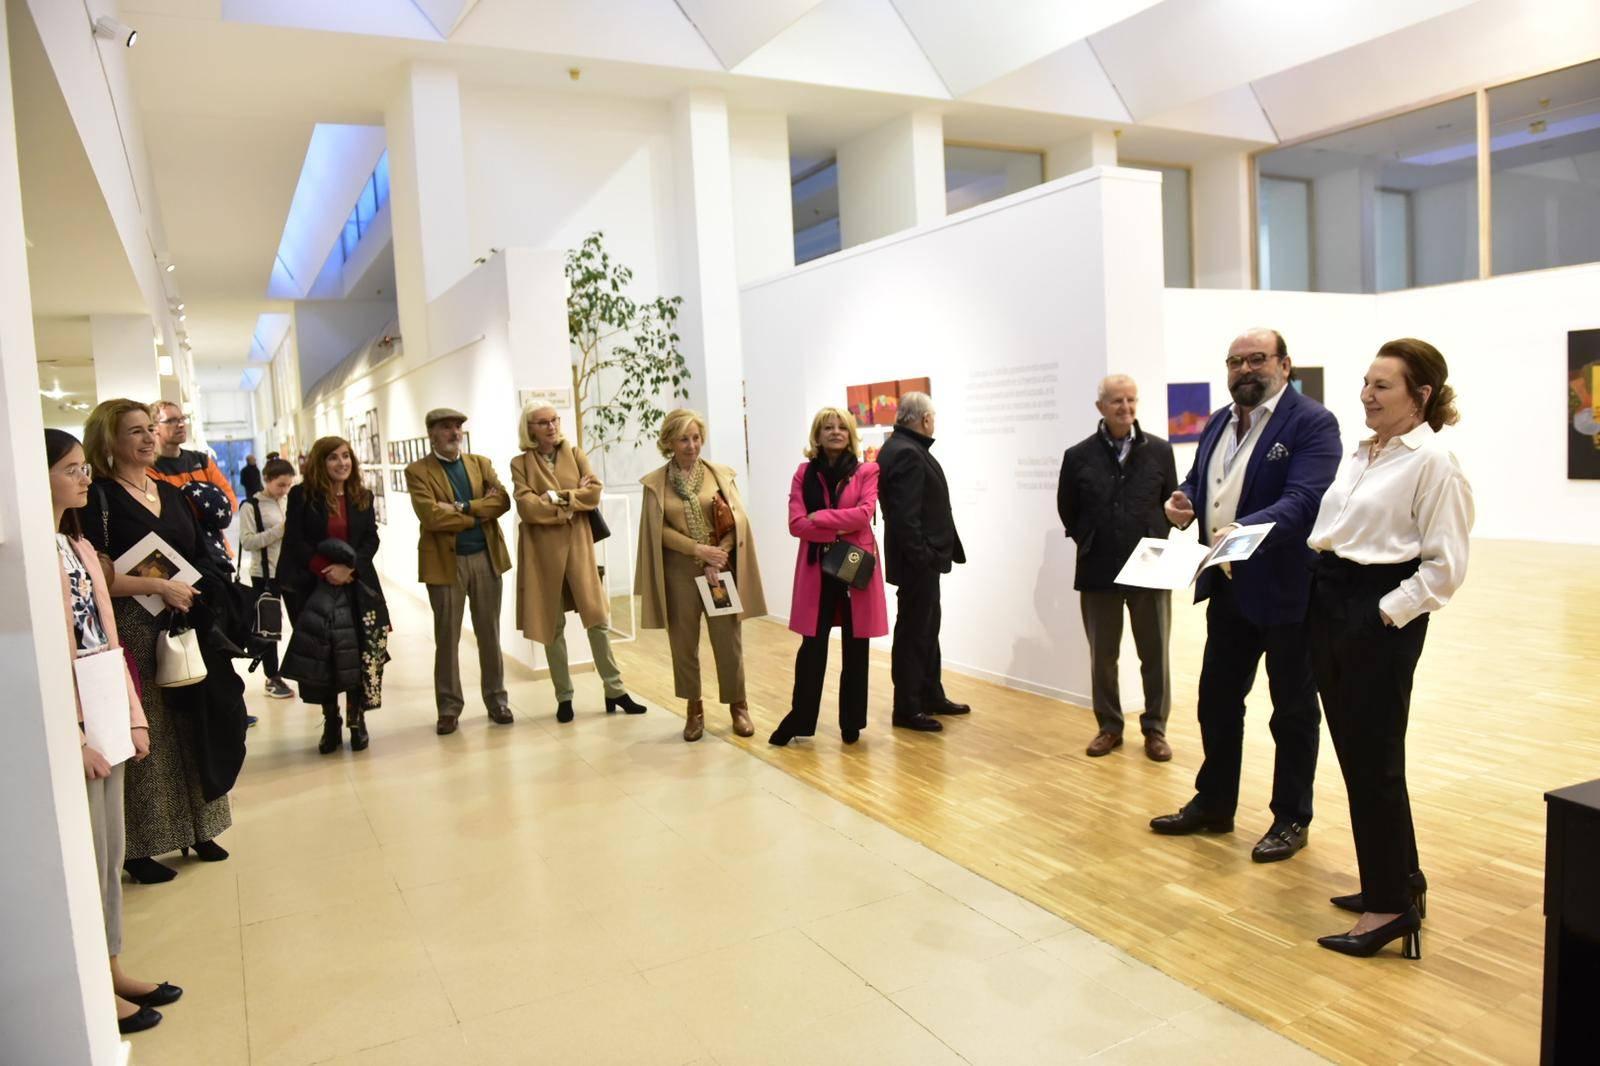 La inauguración ha tenido lugar en el C.C. La Despernada.